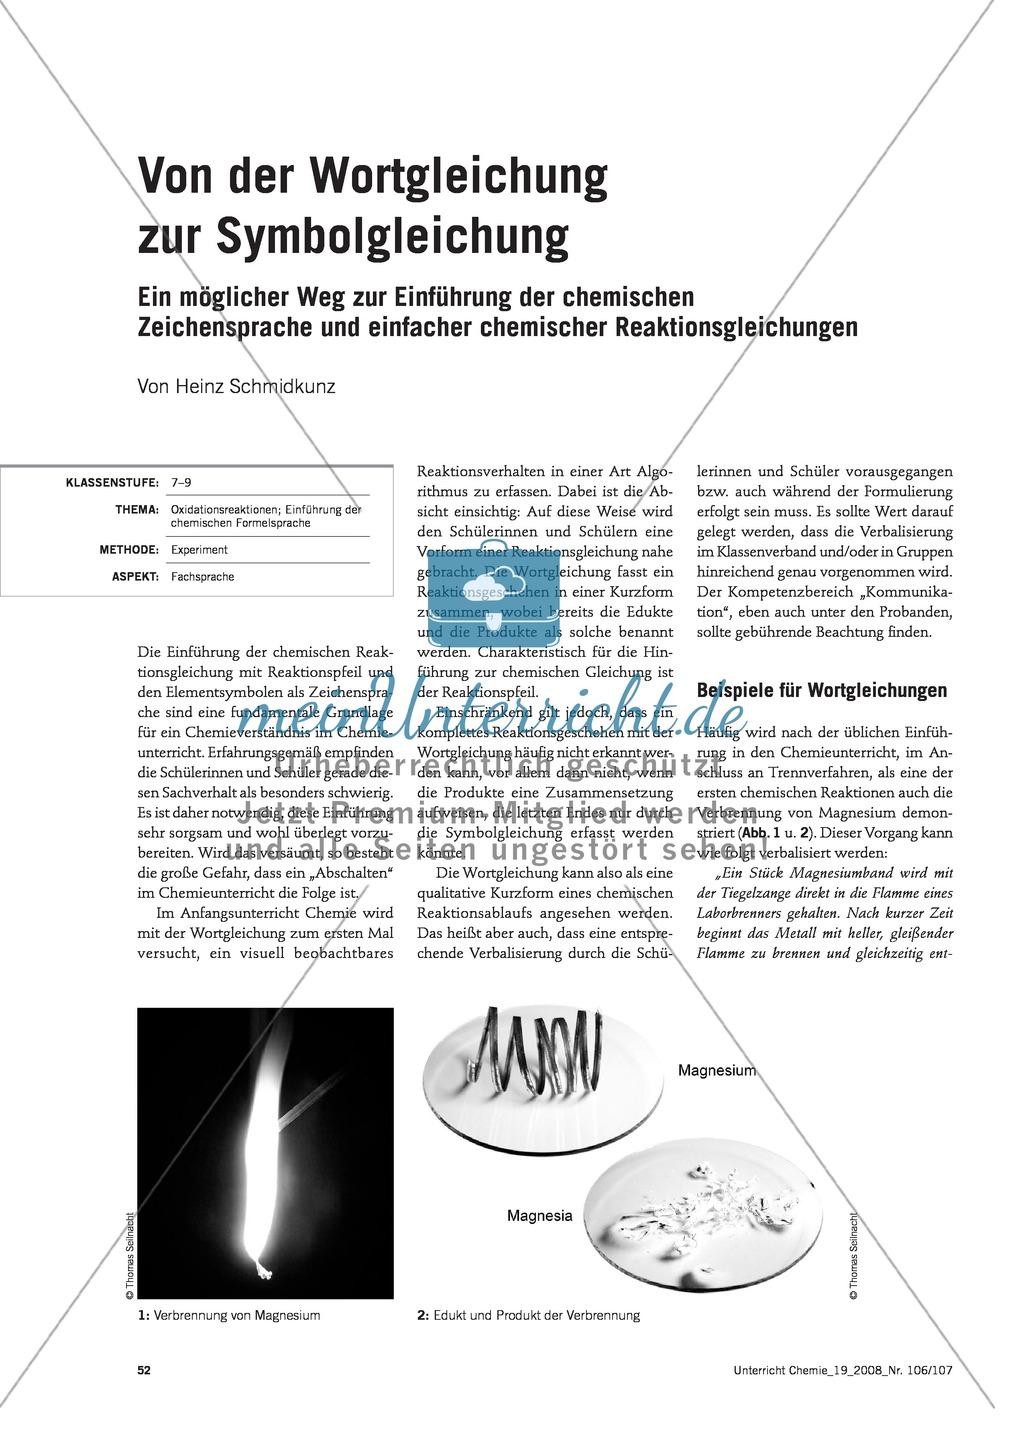 Von der Wortgleichung zur Symbolgleichung + Der Wertigkeitsbegriff ...